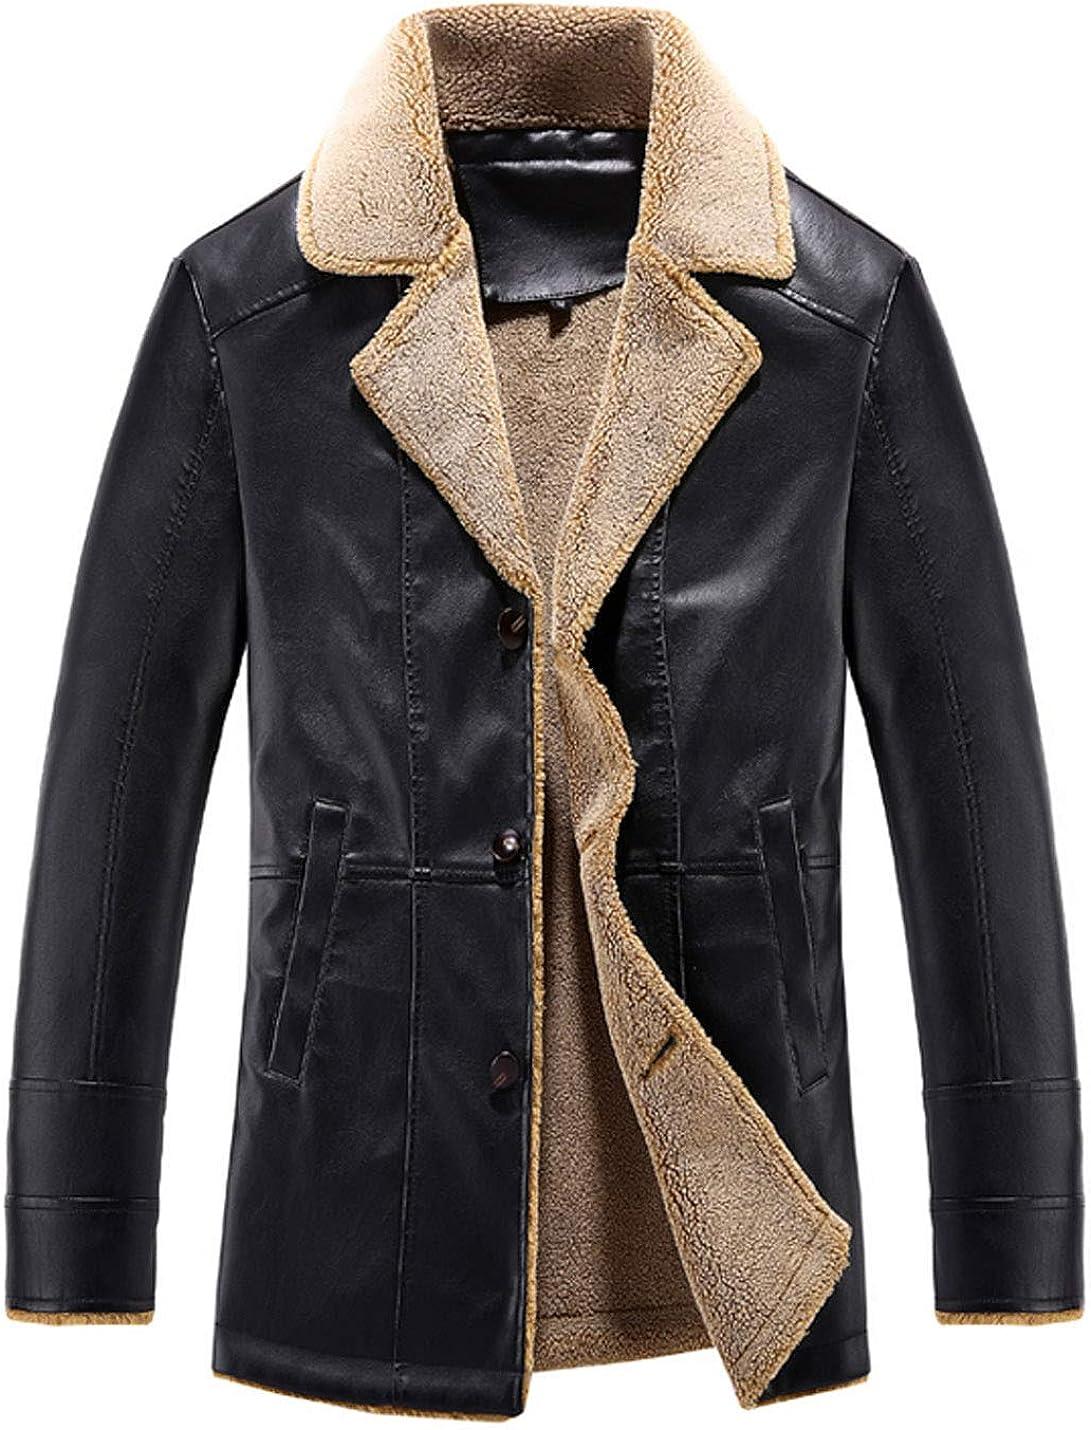 Springrain Men's Faux PU Leather Moto Sherpa Lined Shearling Winter Jacket Coat